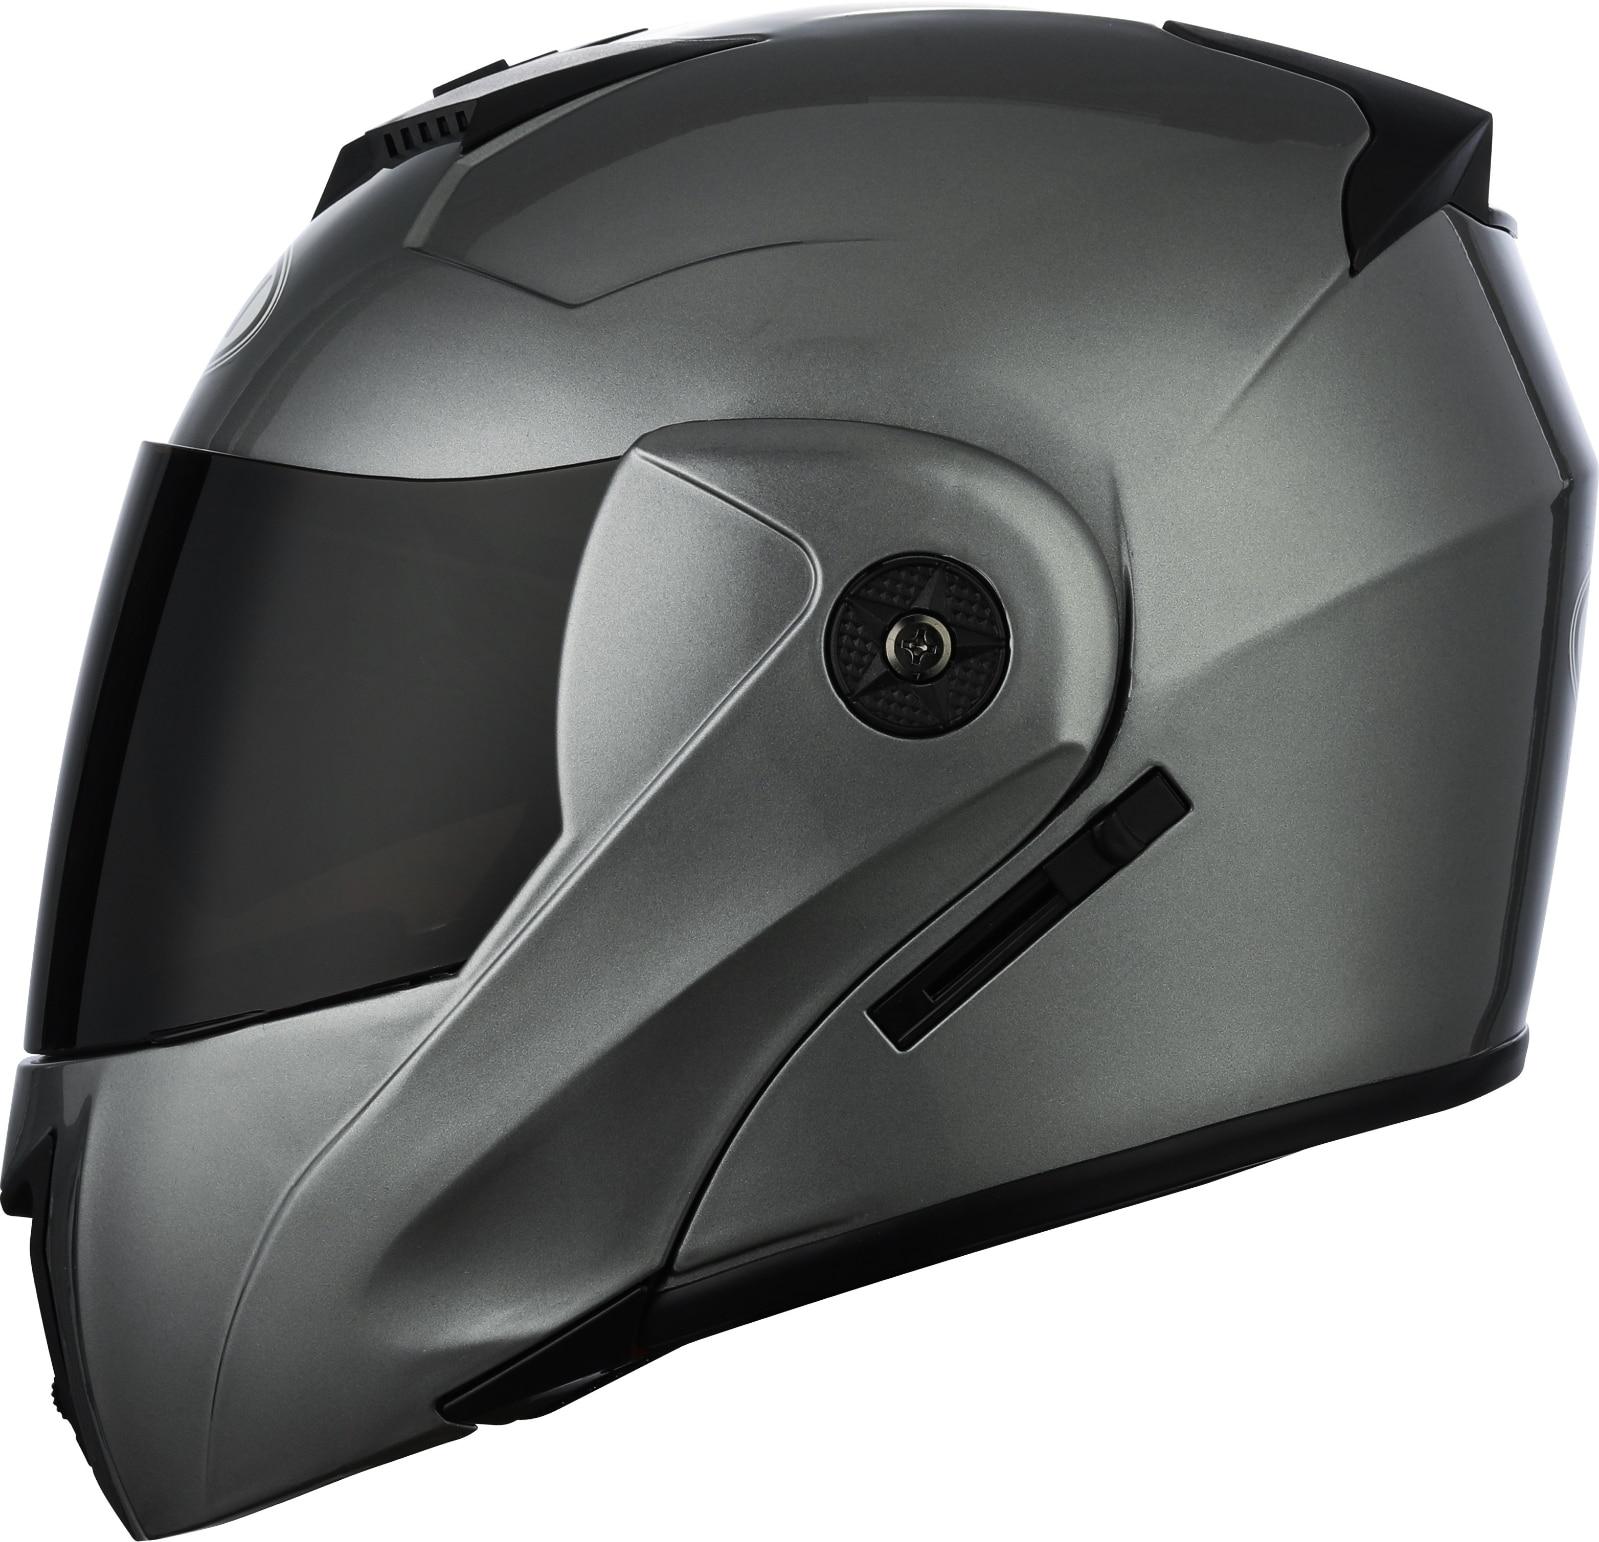 Мотоциклетный шлем с откидной крышкой, модульный шлем для мотокросса с двойными линзами, шлем на все лицо, 2021